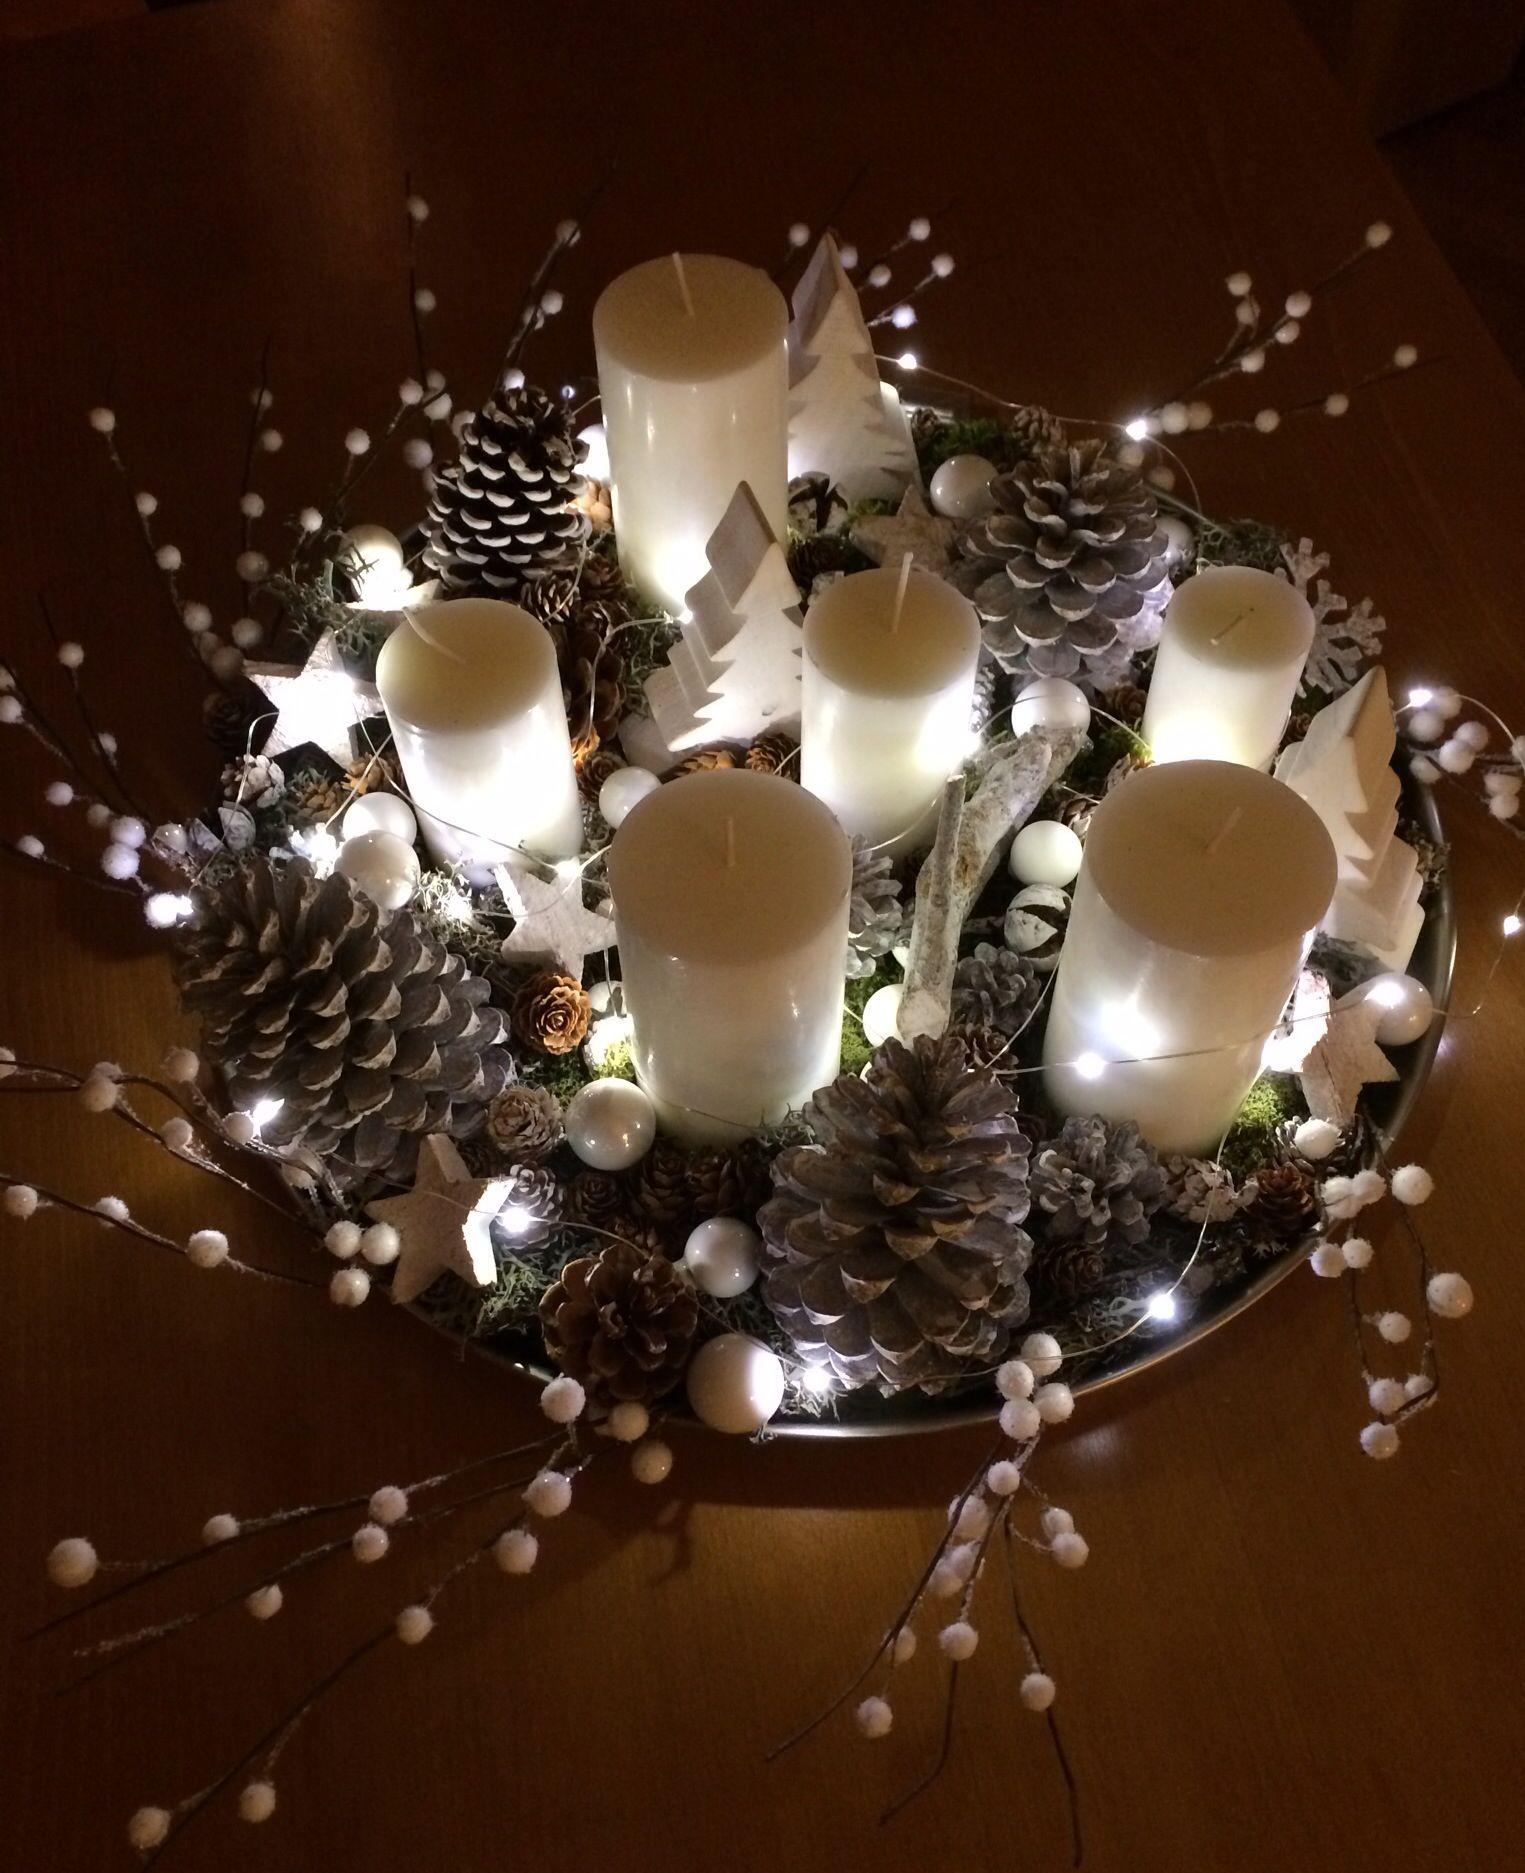 Deco De Table Bougie noël 2015 : les plus belles décorations vues sur pinterest